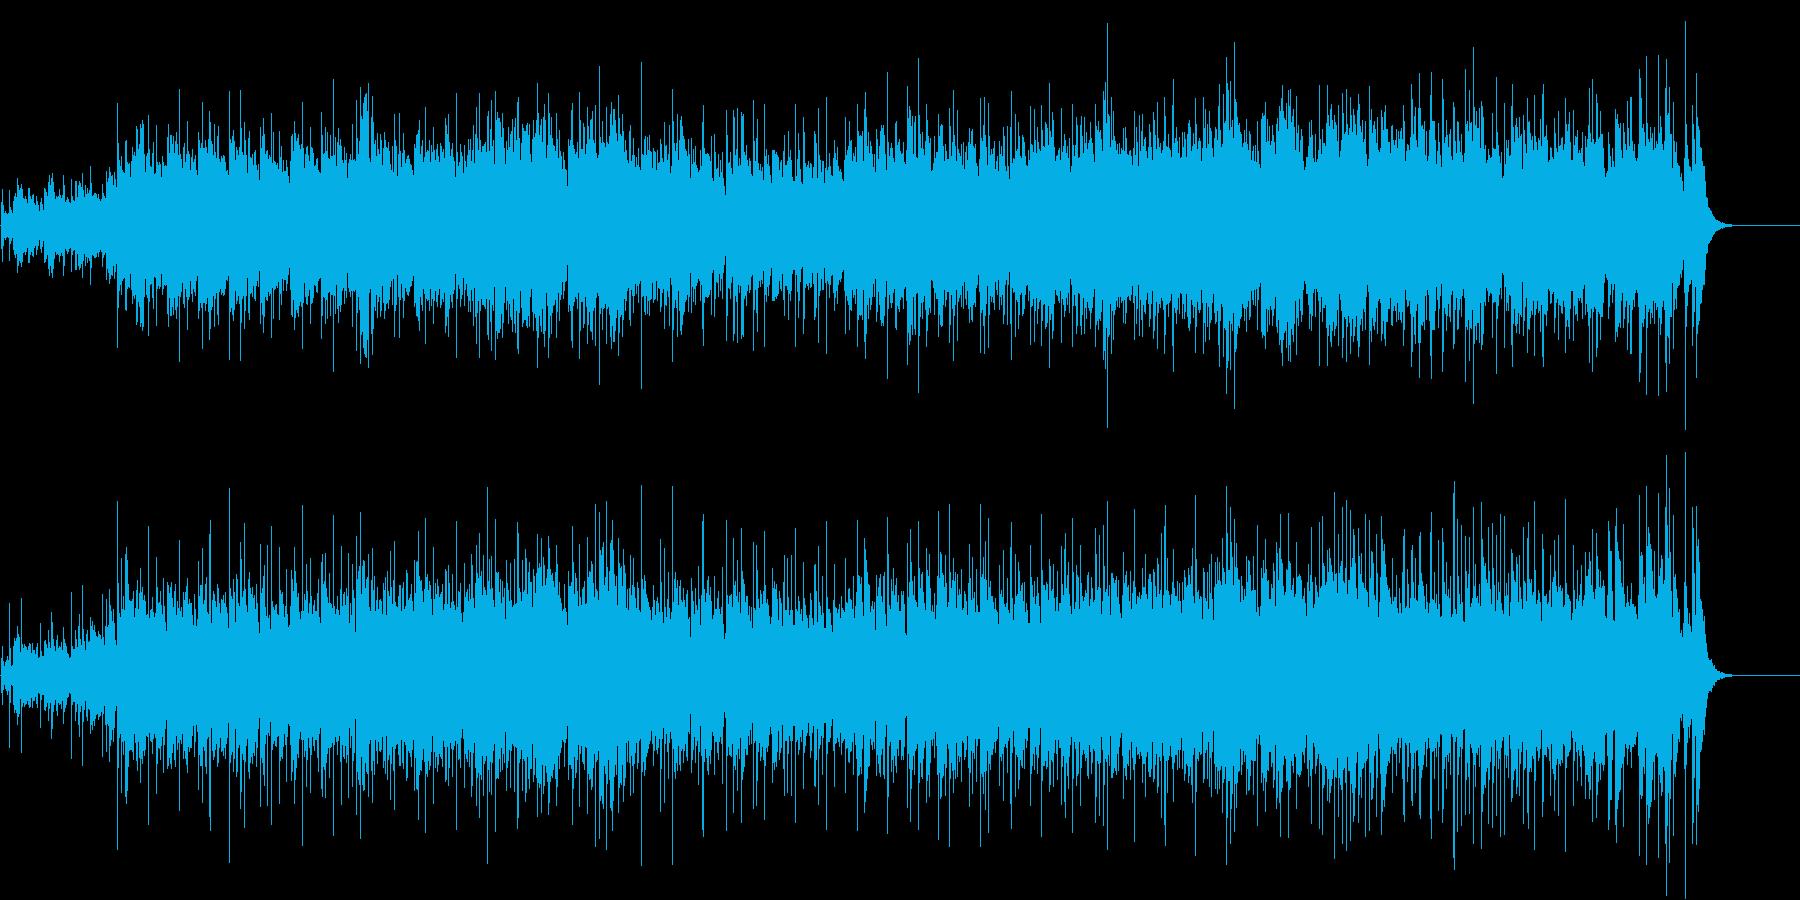 イージーリスニング(夏の終わりの予感)の再生済みの波形